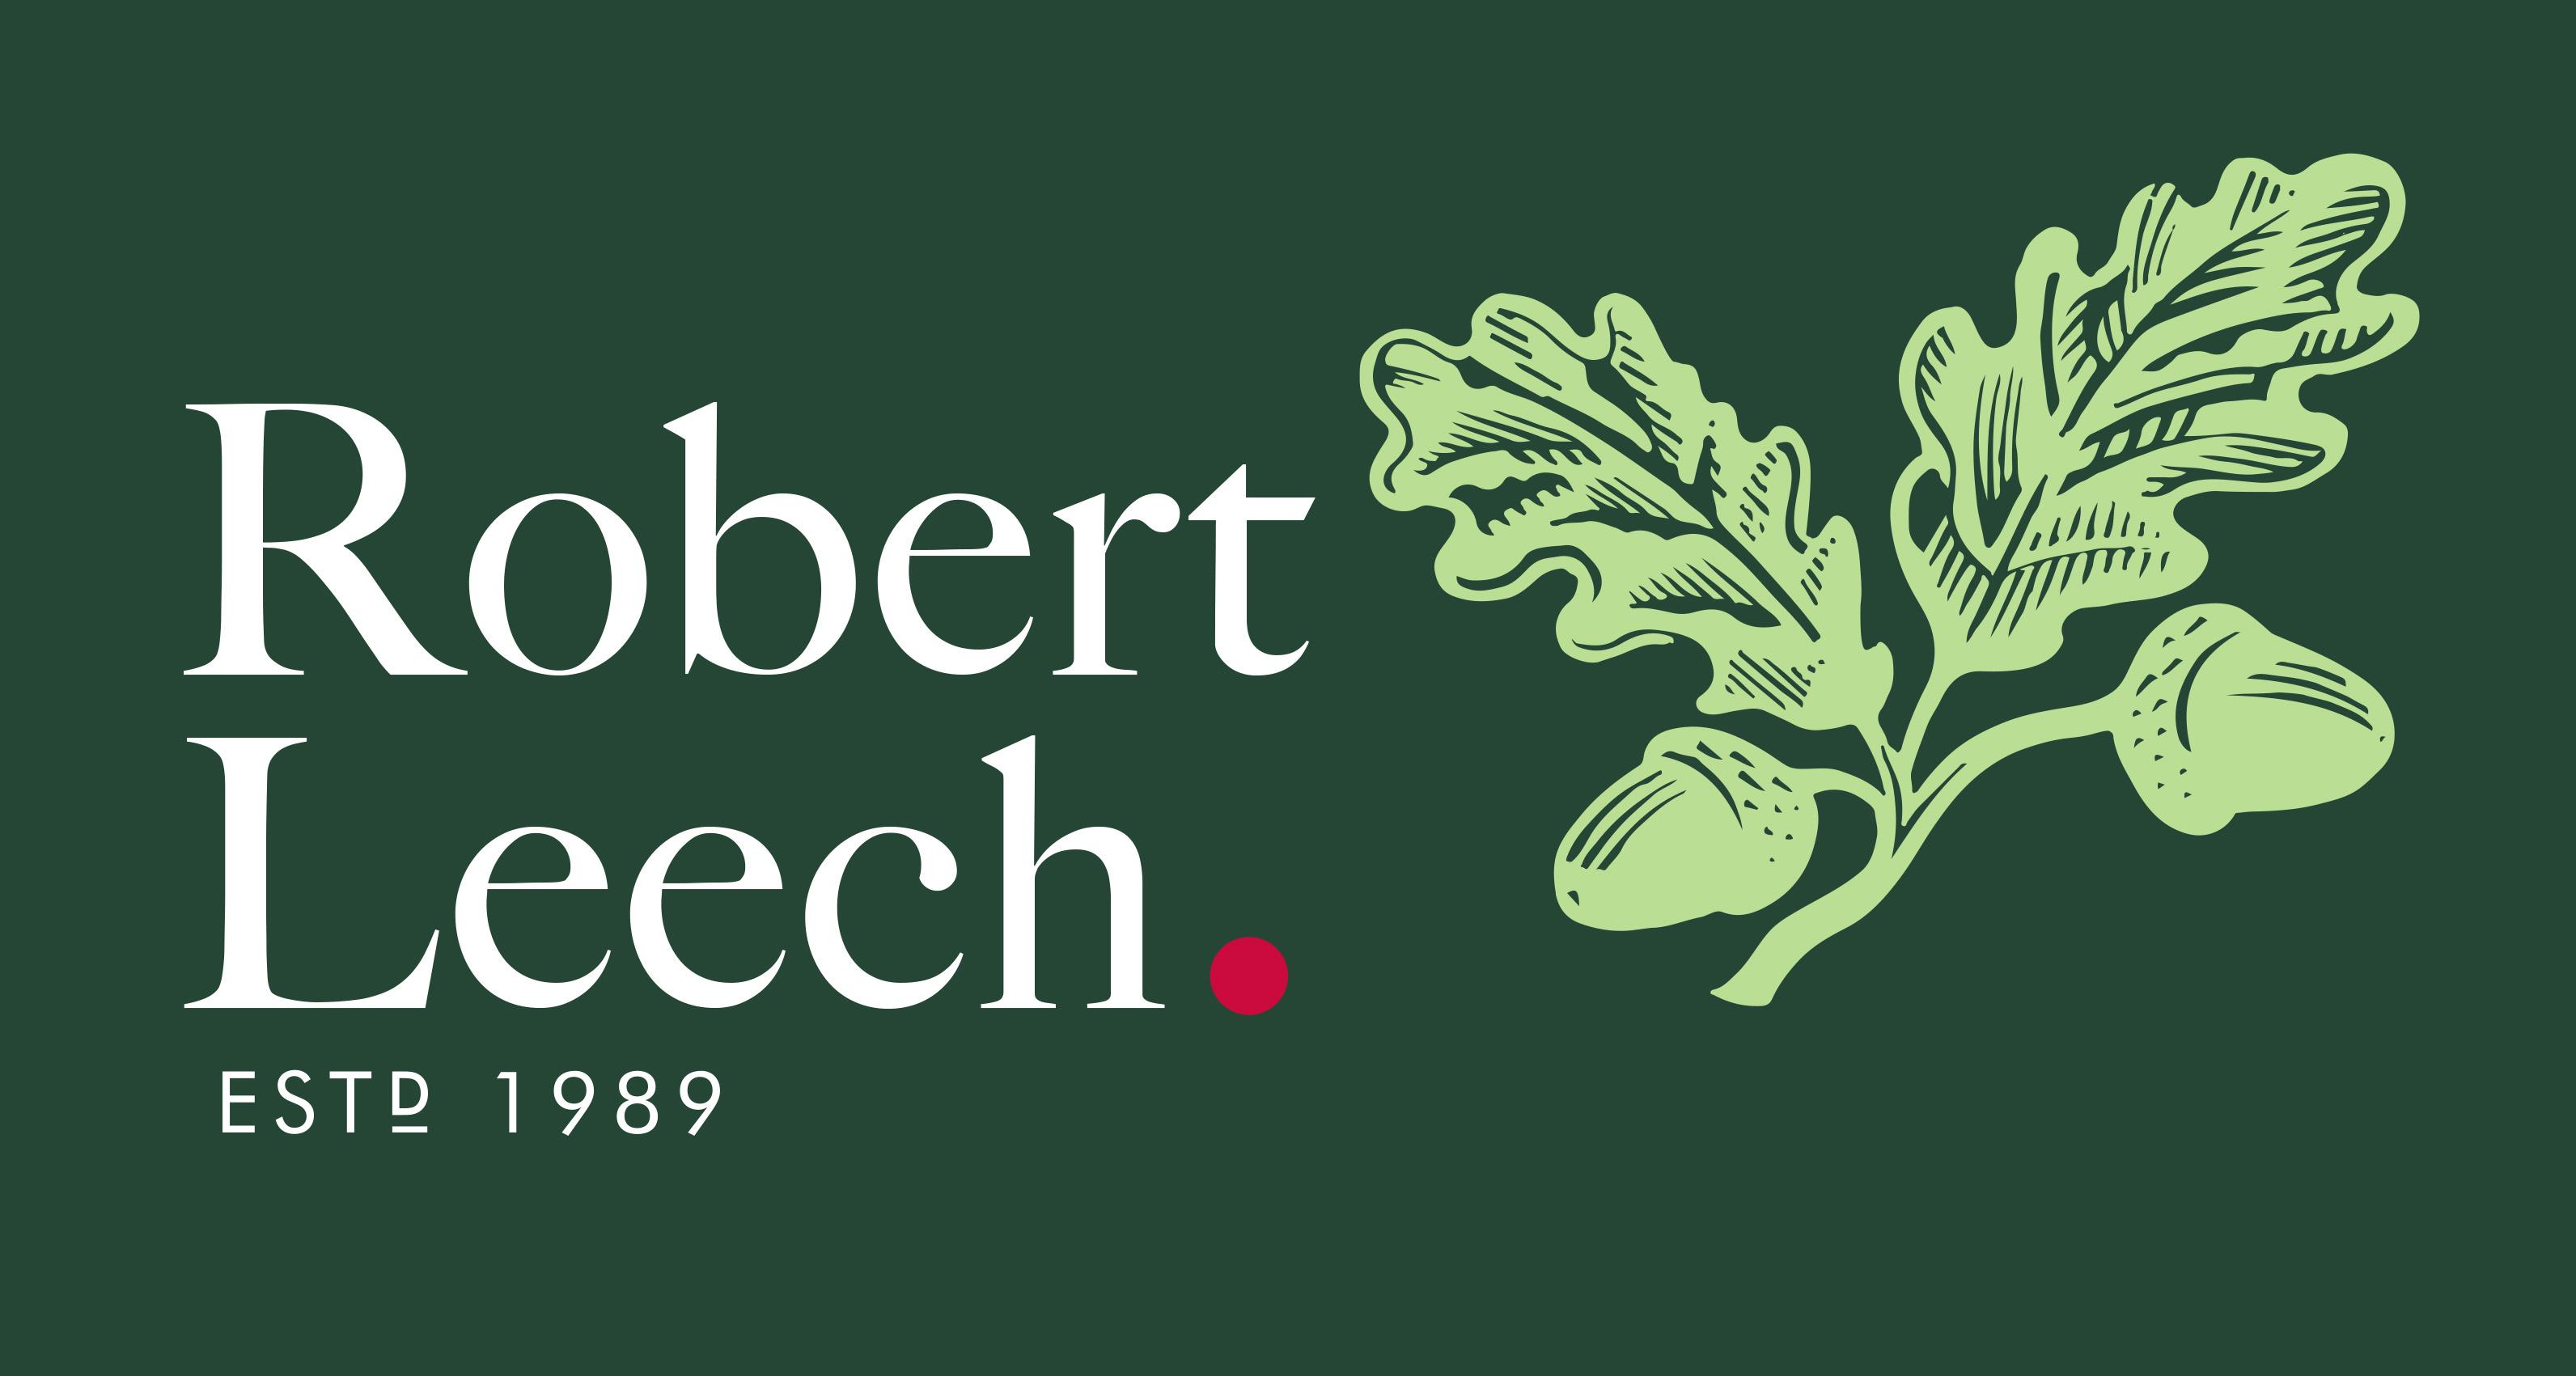 Robert Leech